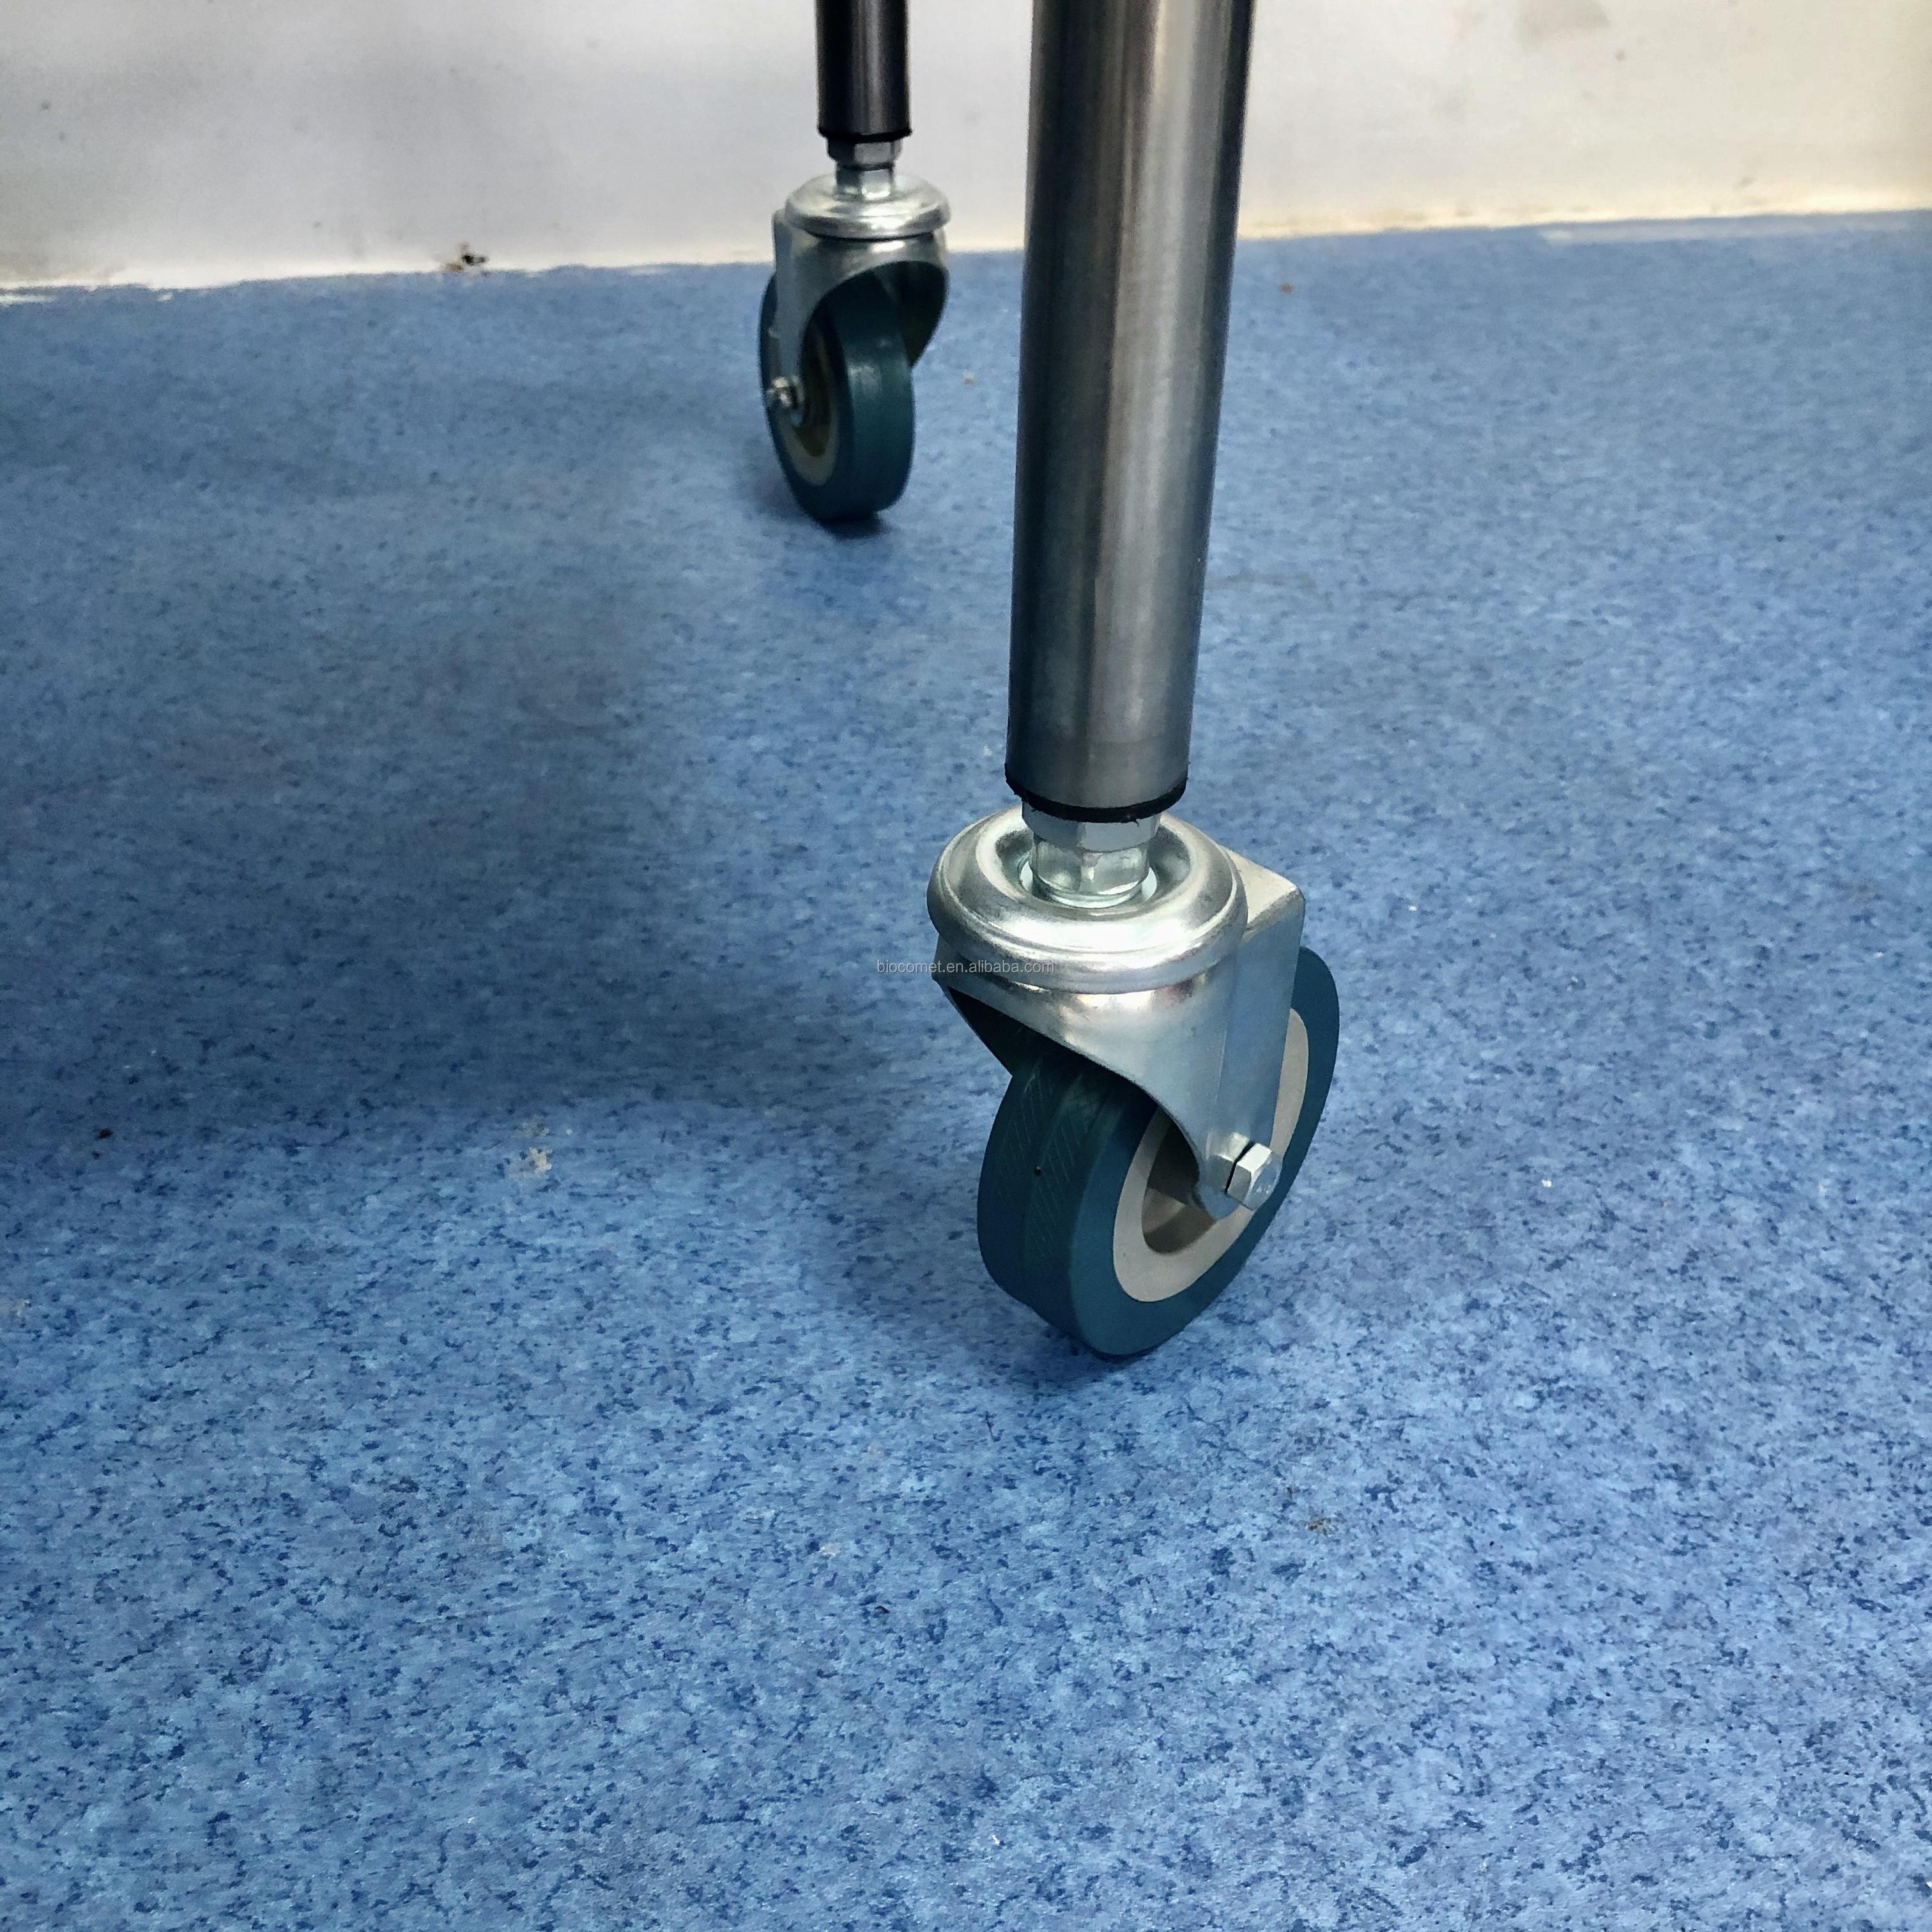 Больничная мебель Металическая цепочка из нержавеющей стали с медицинская тележка BC0918-14